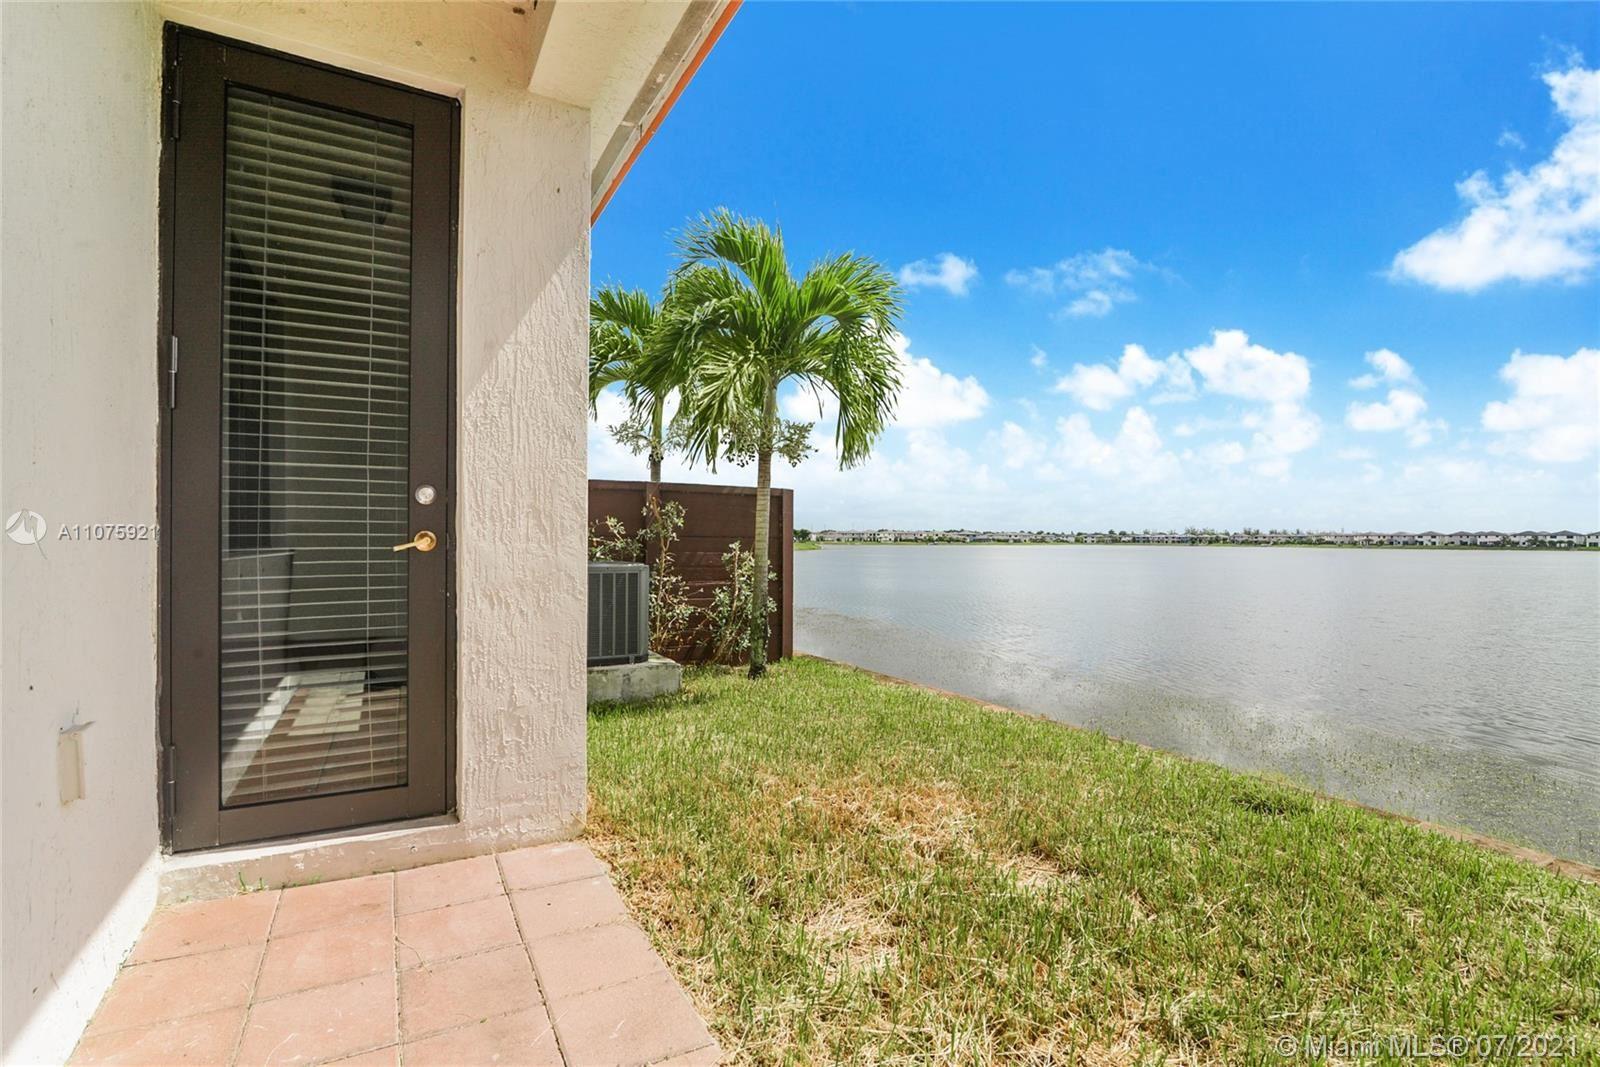 15593 NW 91st Ct #15593, Miami Lakes, FL 33018 - #: A11075921